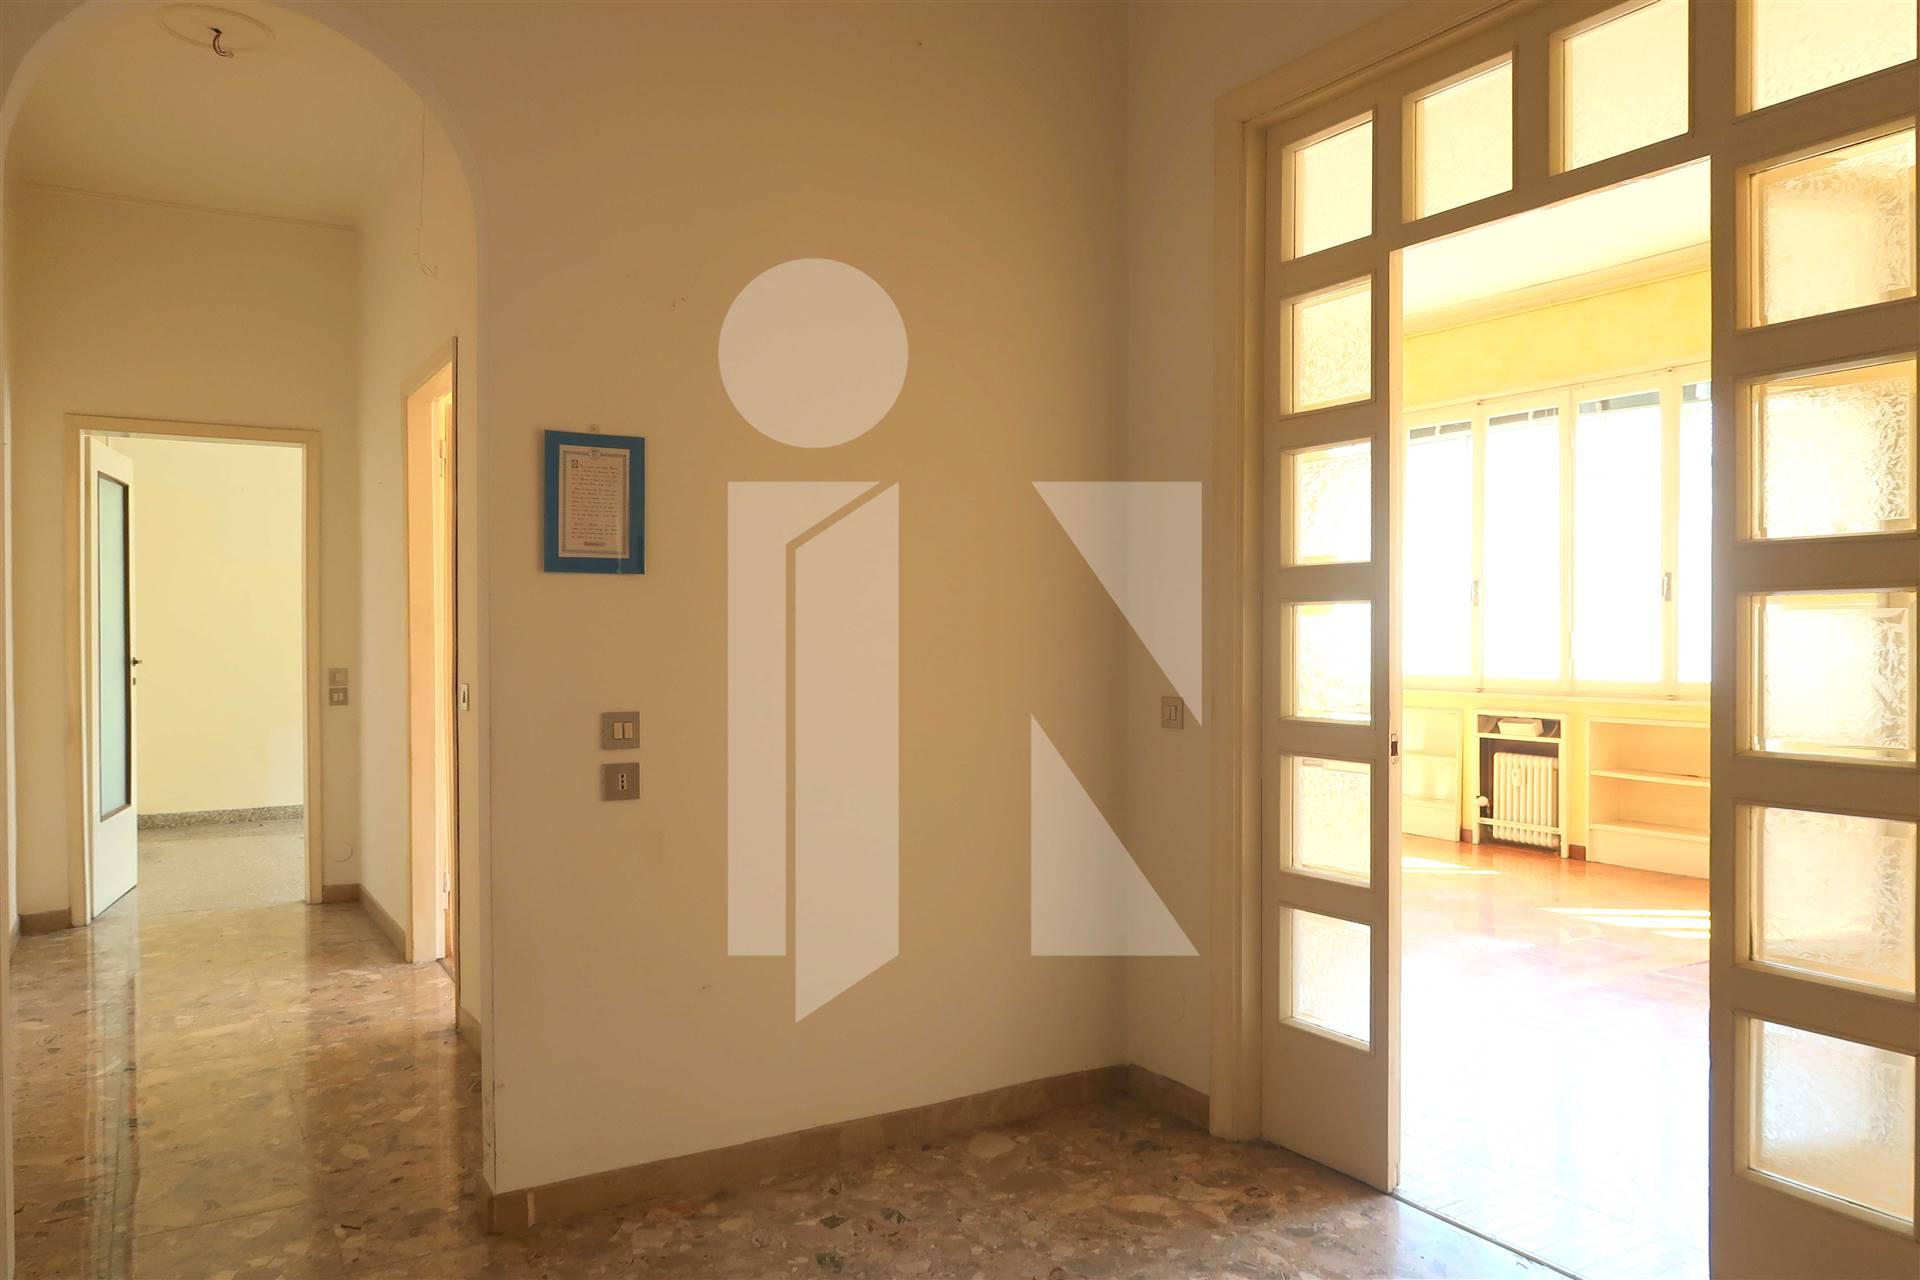 Appartamento con ampia zona giorno